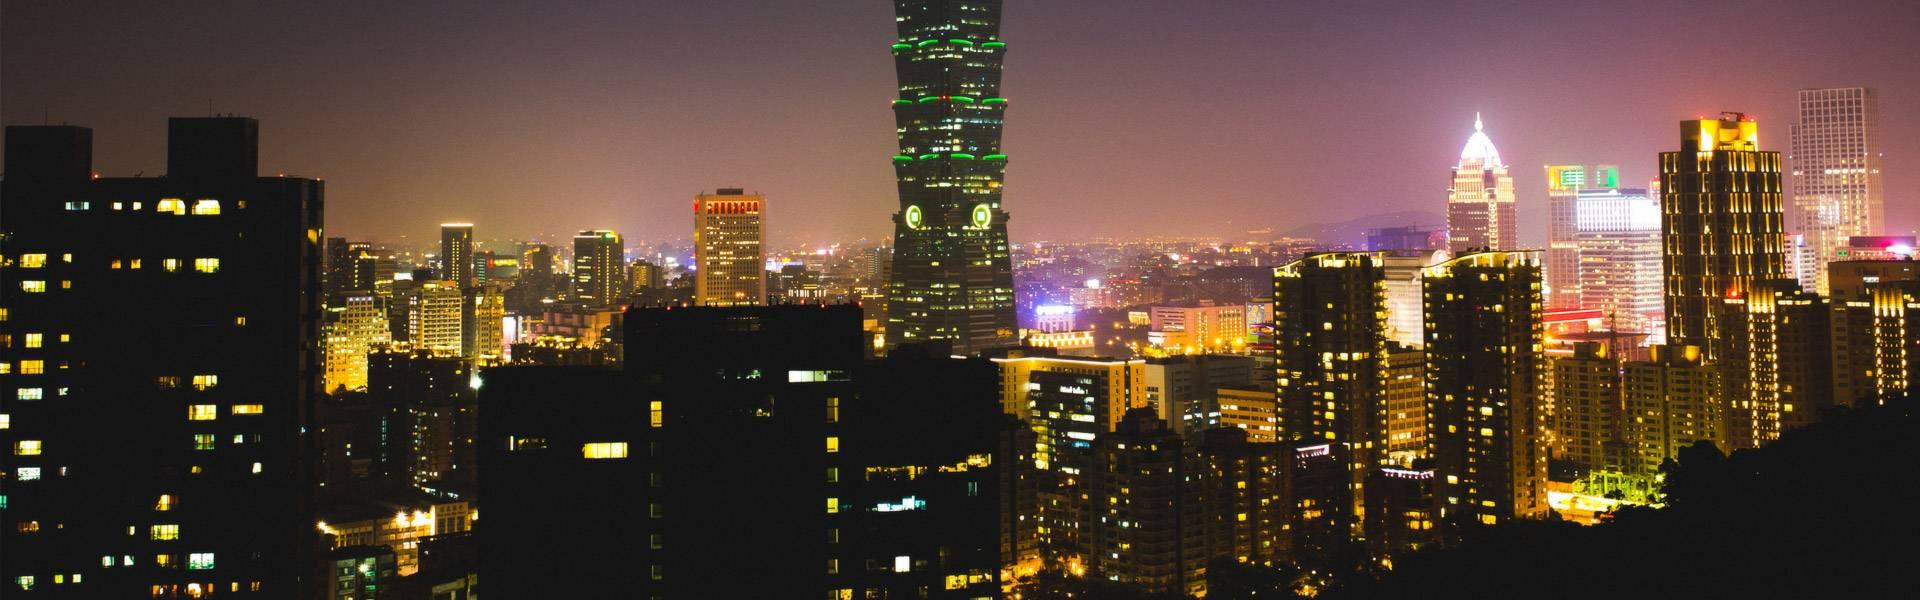 topo-taiwan Ásia